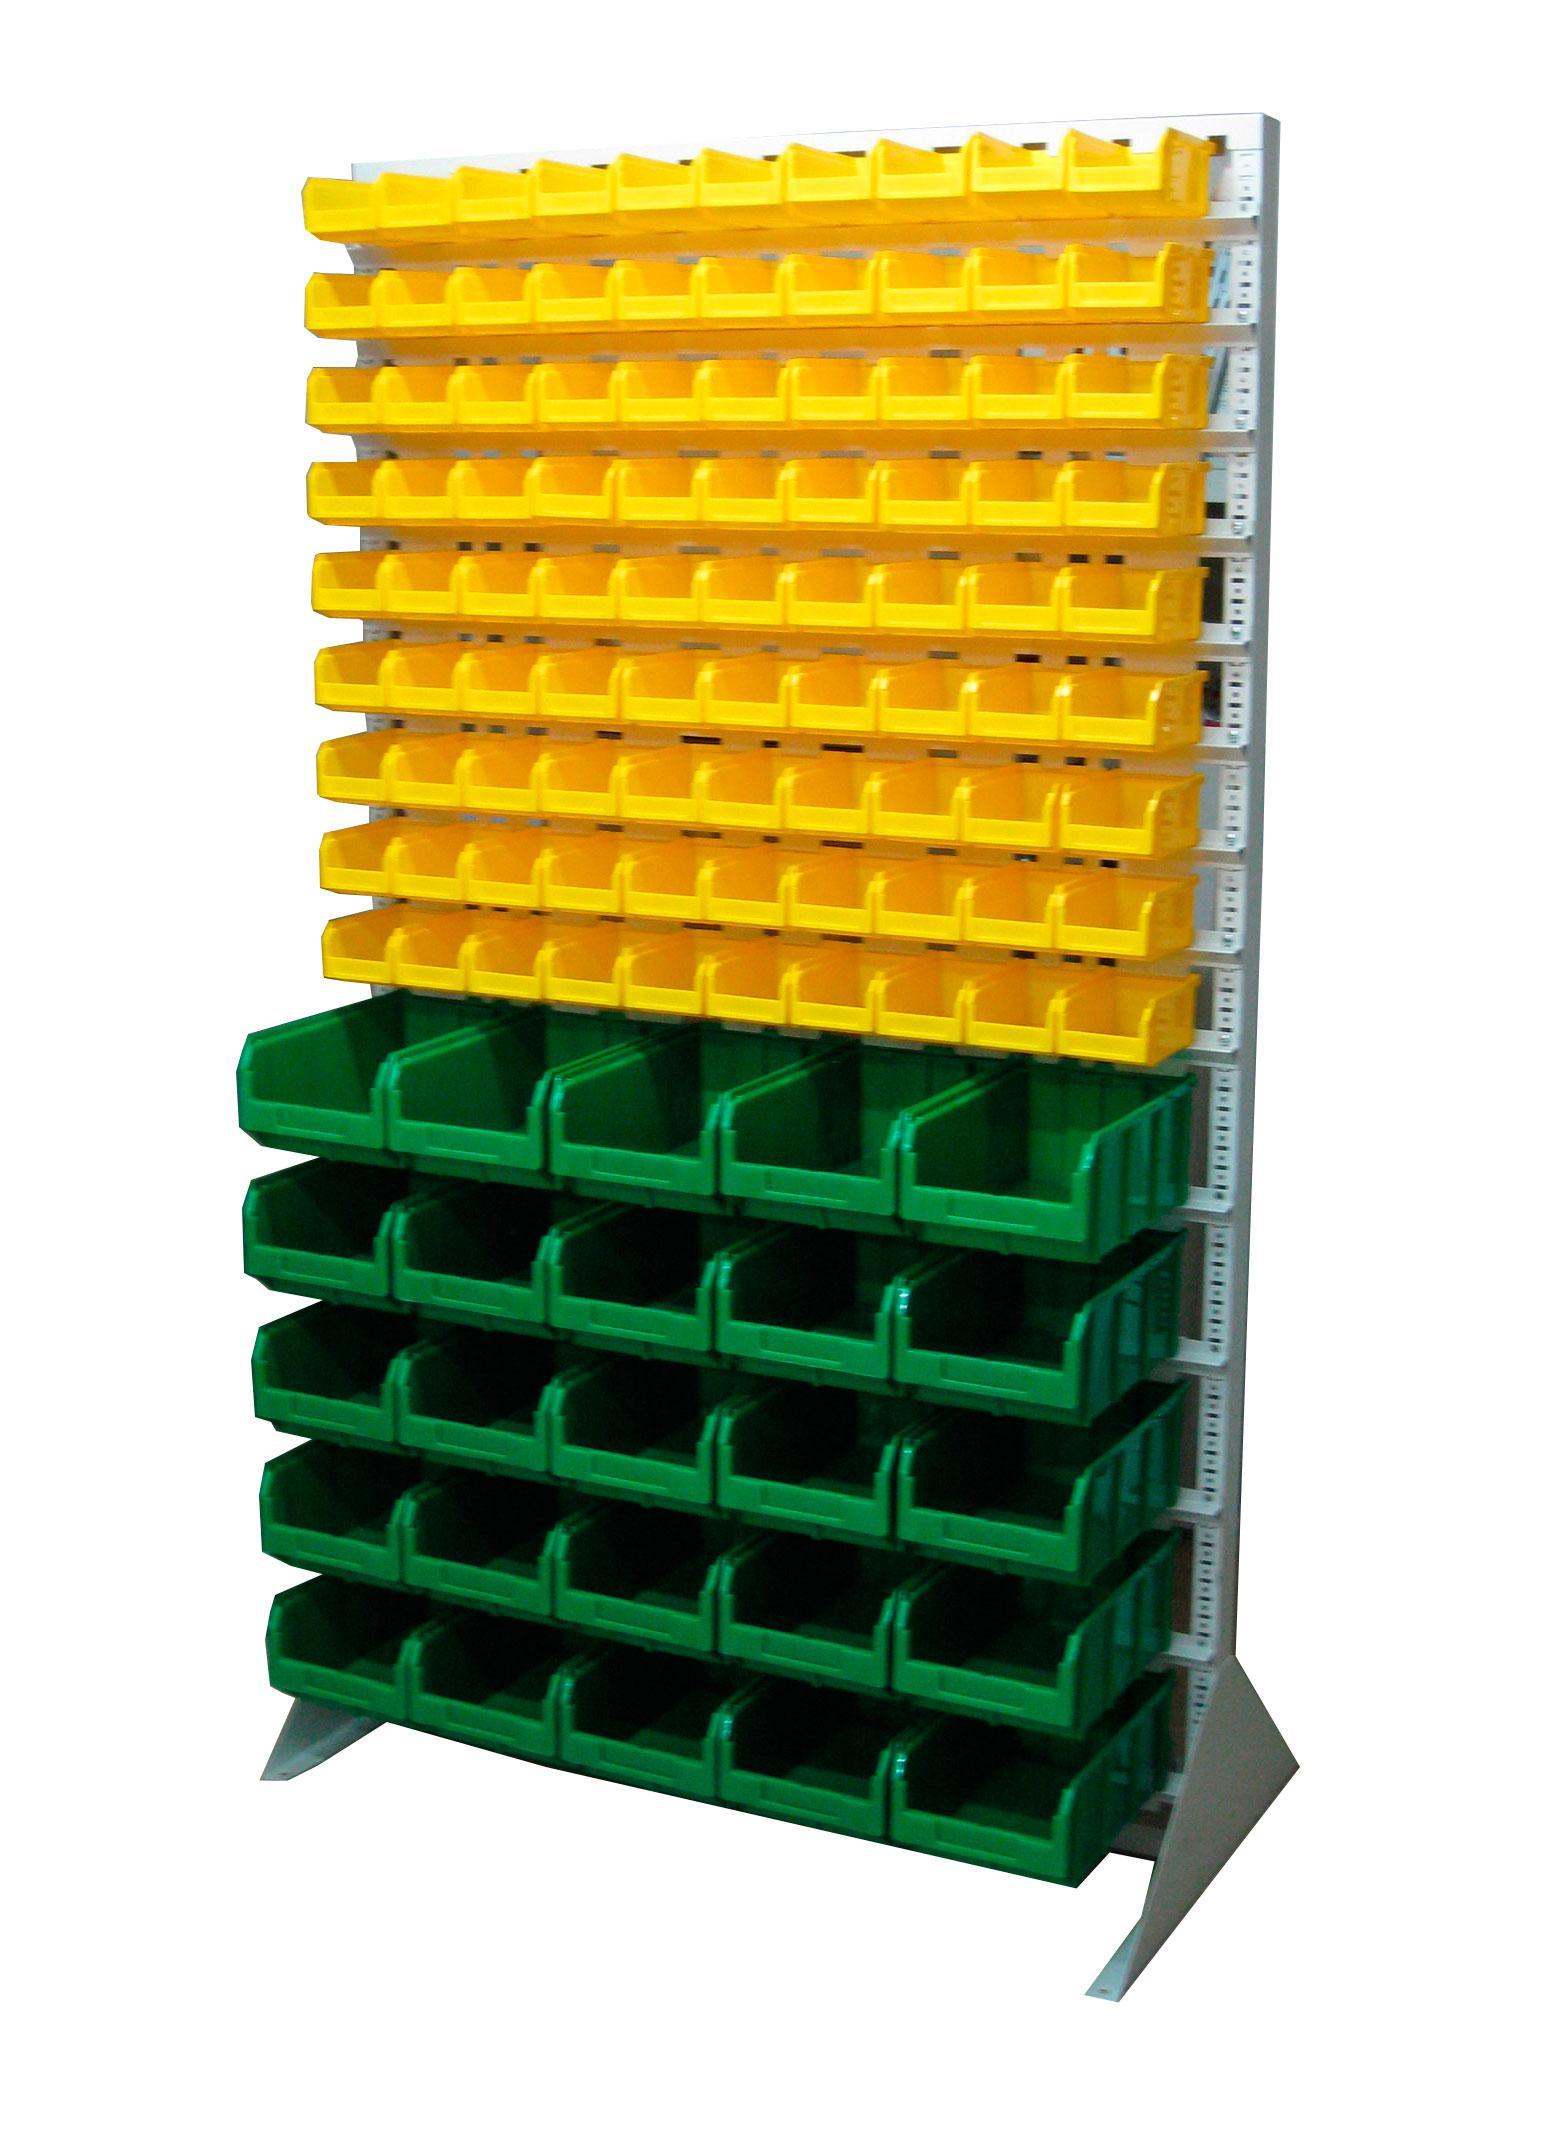 Стойка СТЕЛЛА В1-09-00-05 желтый/зеленый